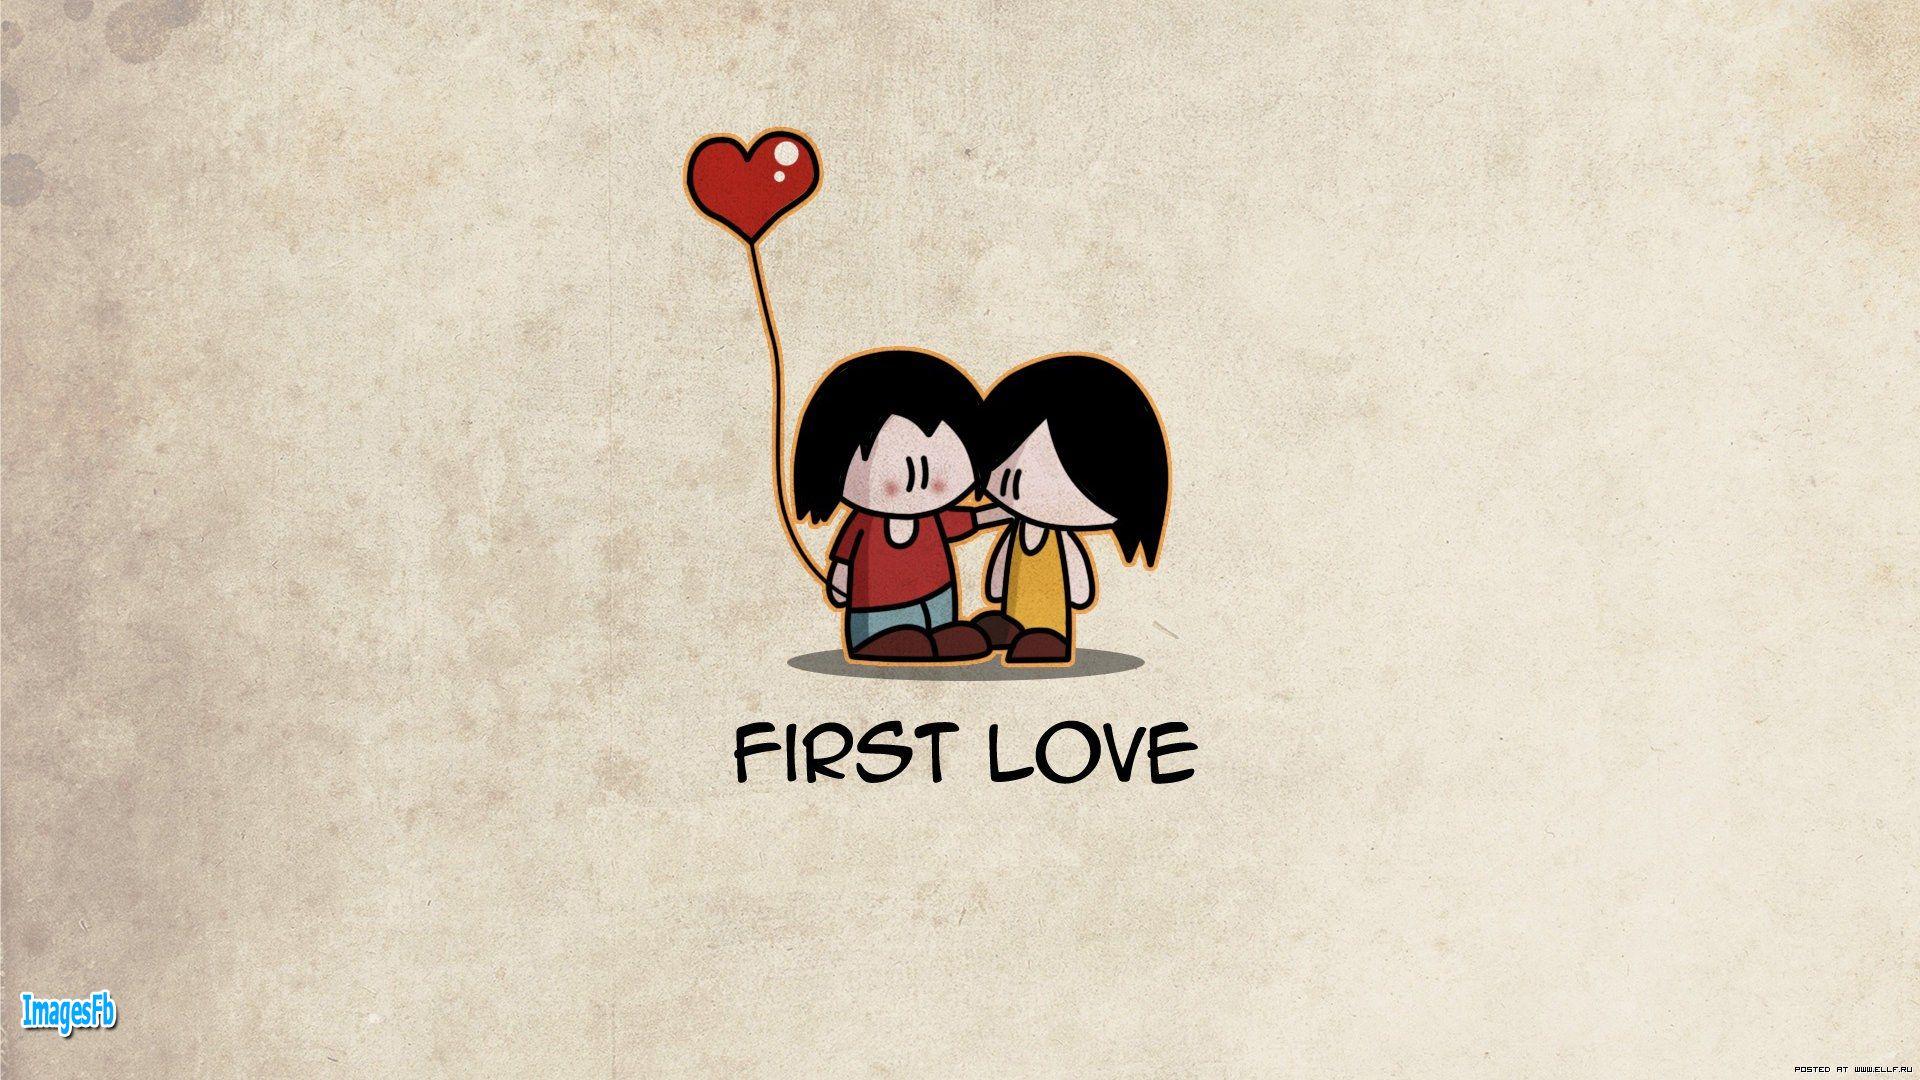 بالصور بوستات رومانسية , اجمل كلمات الحب والغرام 3461 5